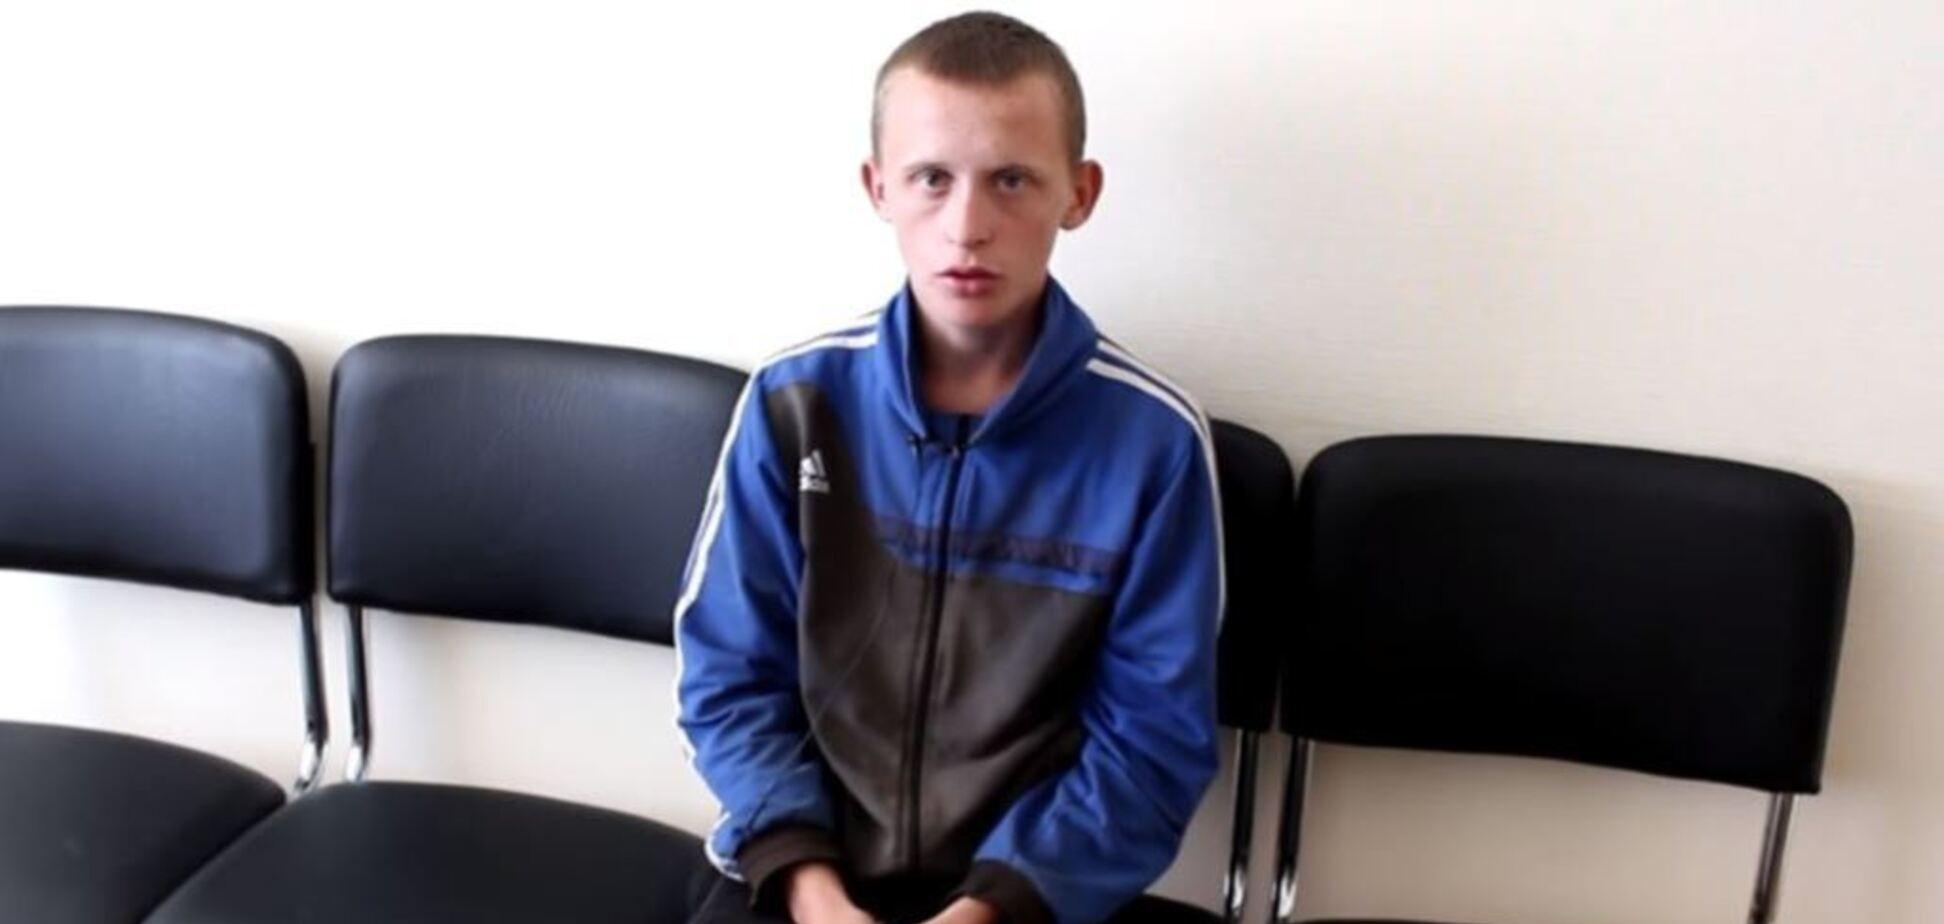 Владислав Пазушко, один из подростков, незаконно схваченных в Ясиноватой в 2016 году